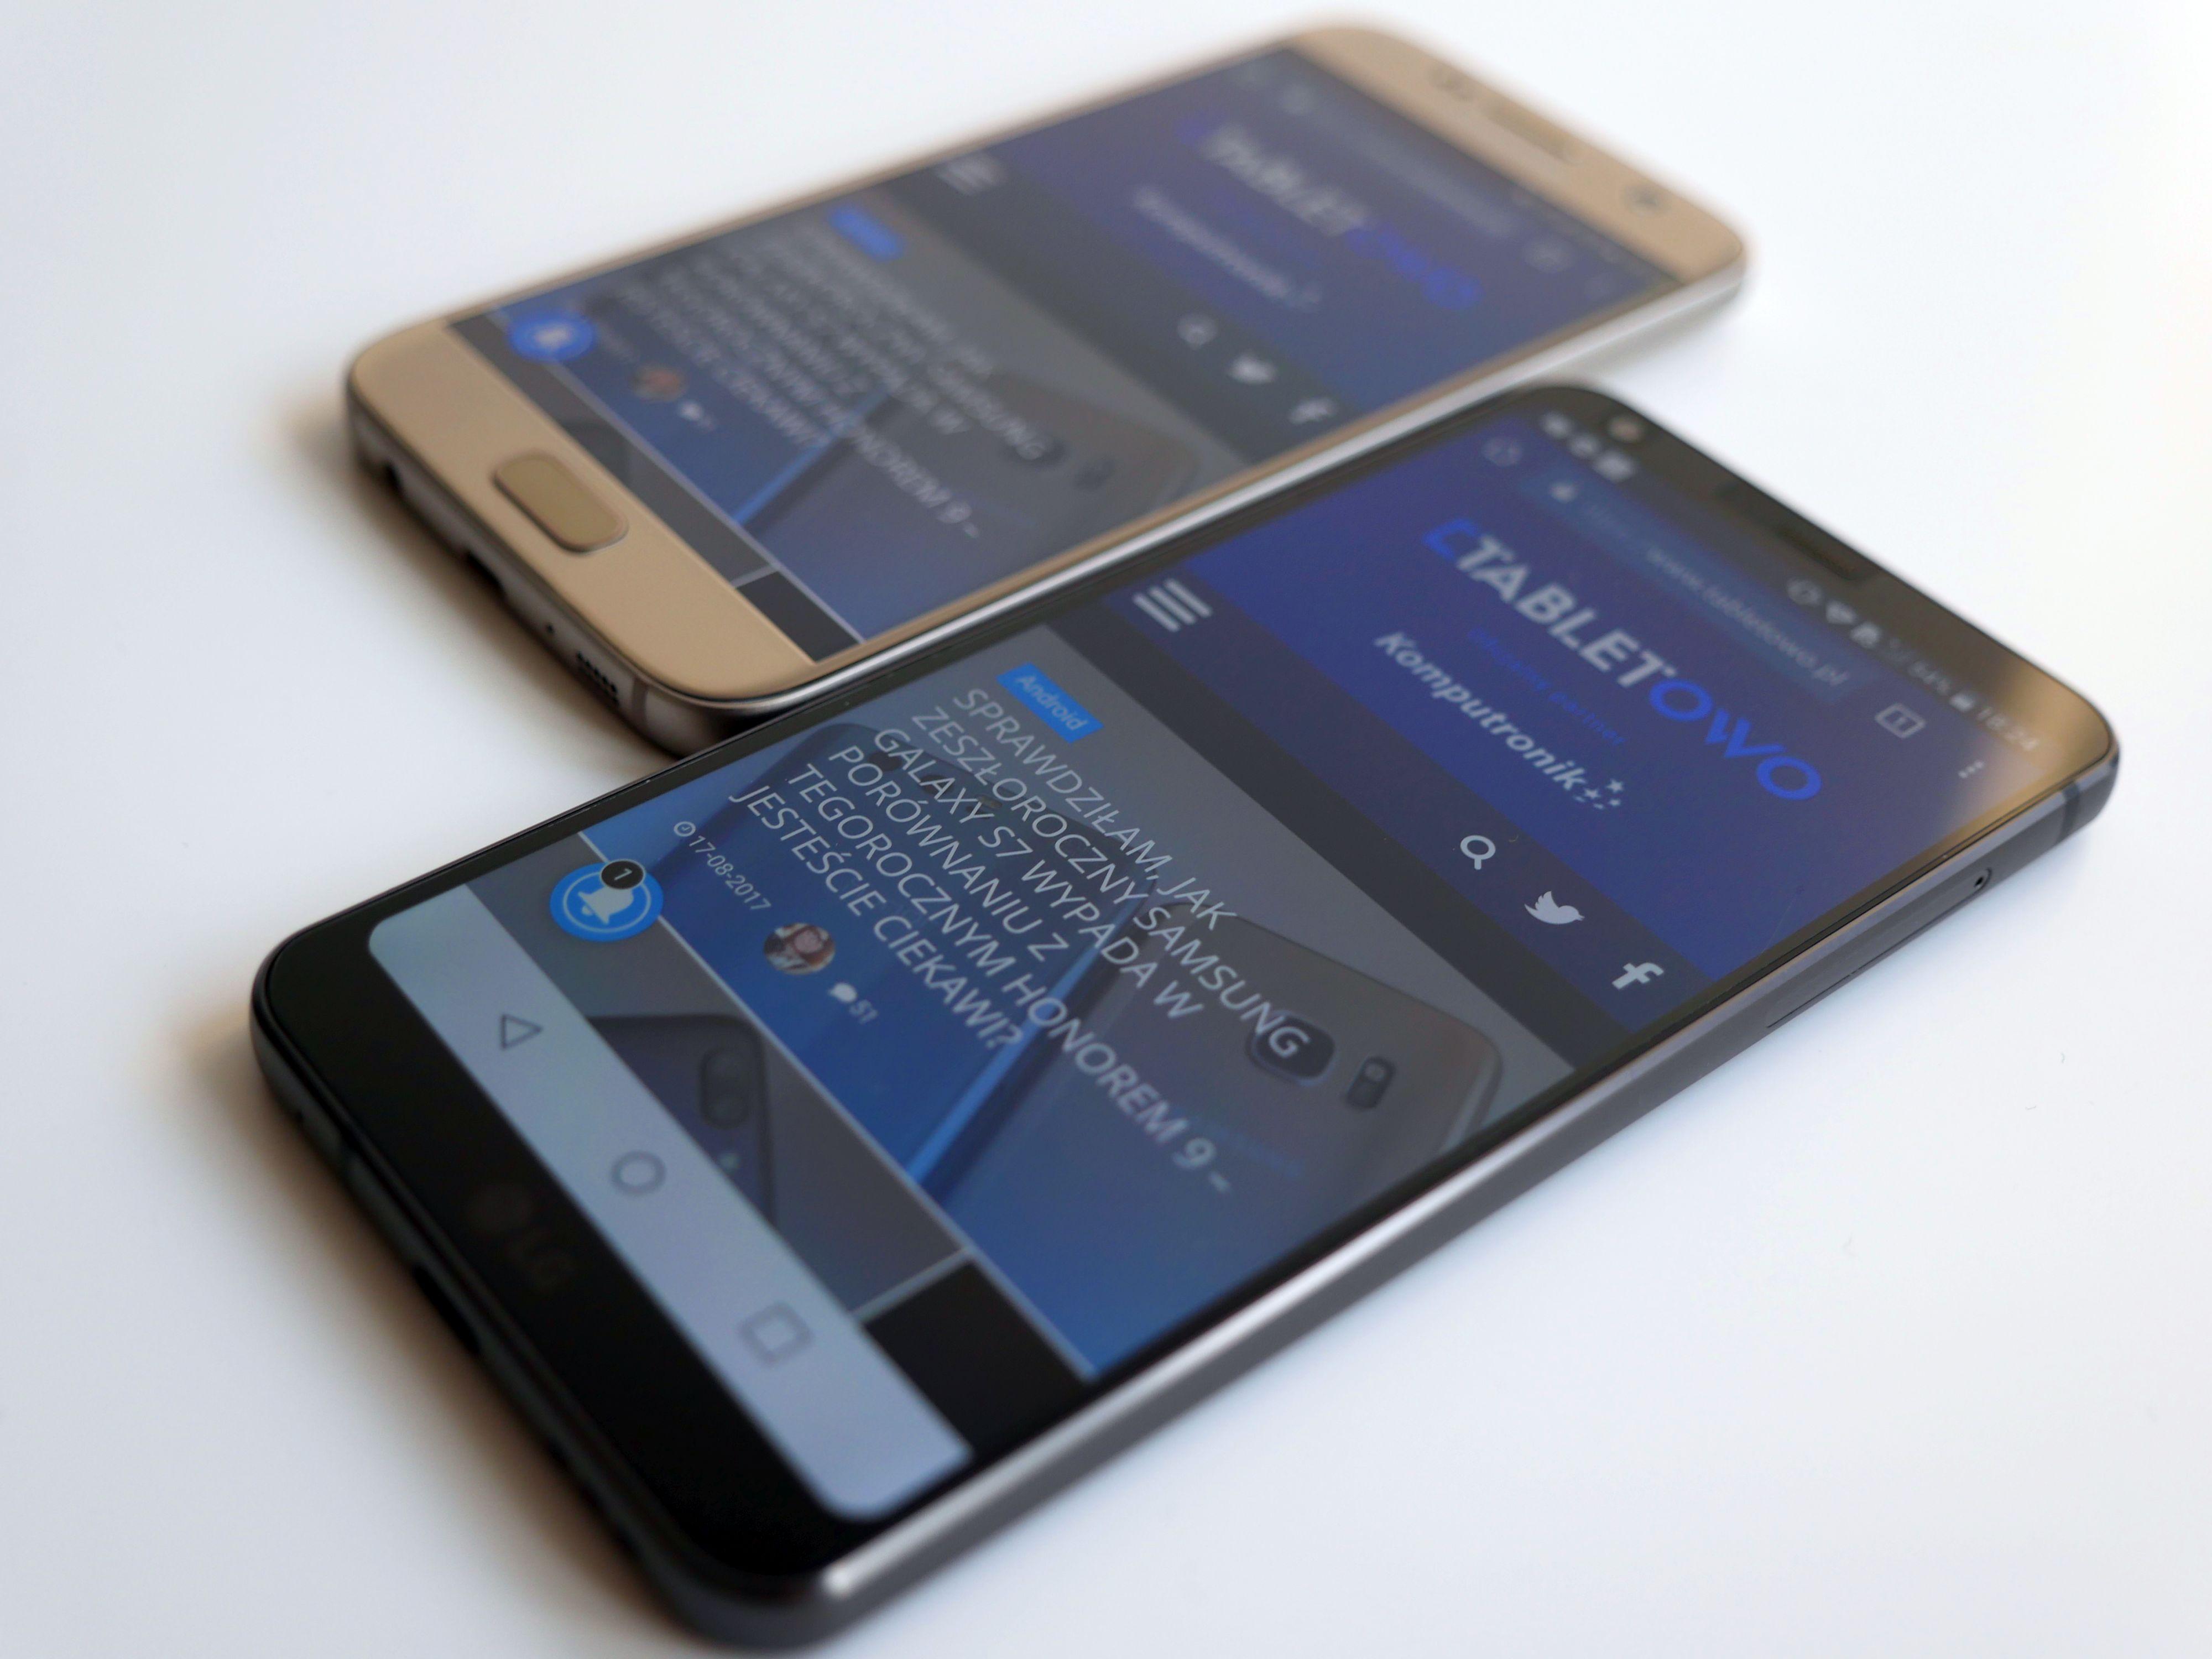 Jak wypada zeszłoroczny flagowiec Samsunga na tle tegorocznego flagowca LG? Porównanie: Samsung Galaxy S7 vs LG G6 21